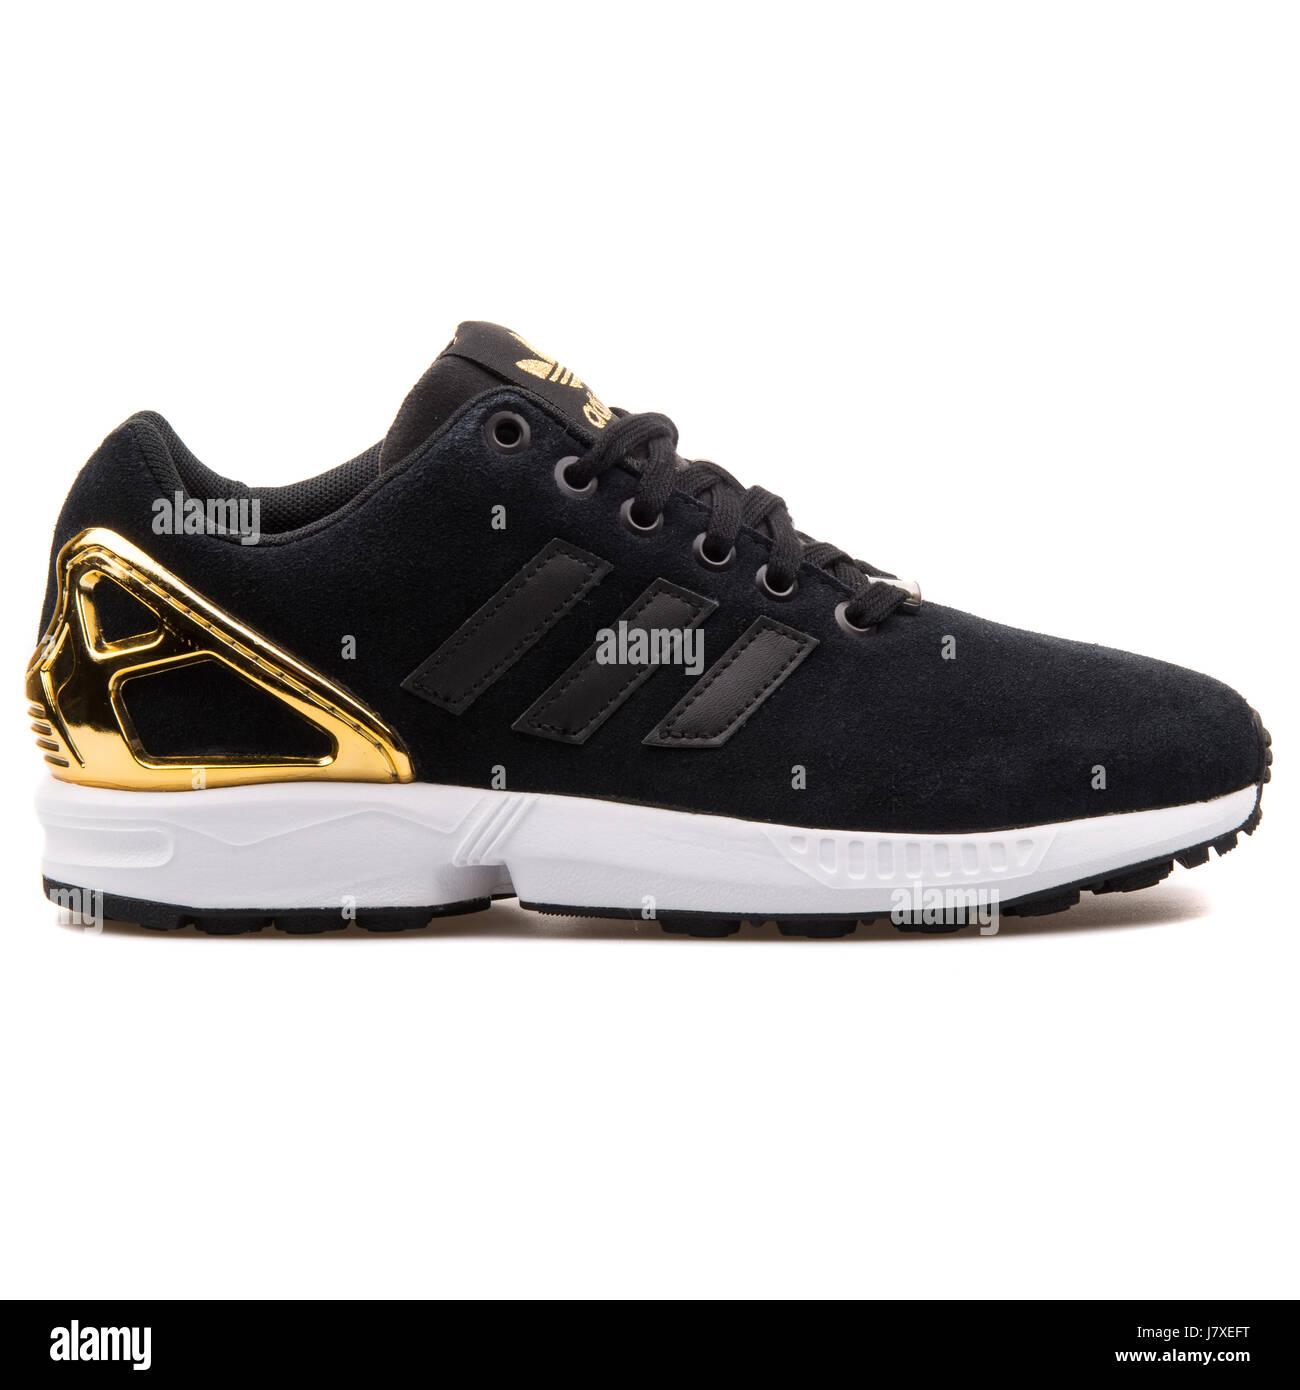 adidas zx nere e oro prezzo